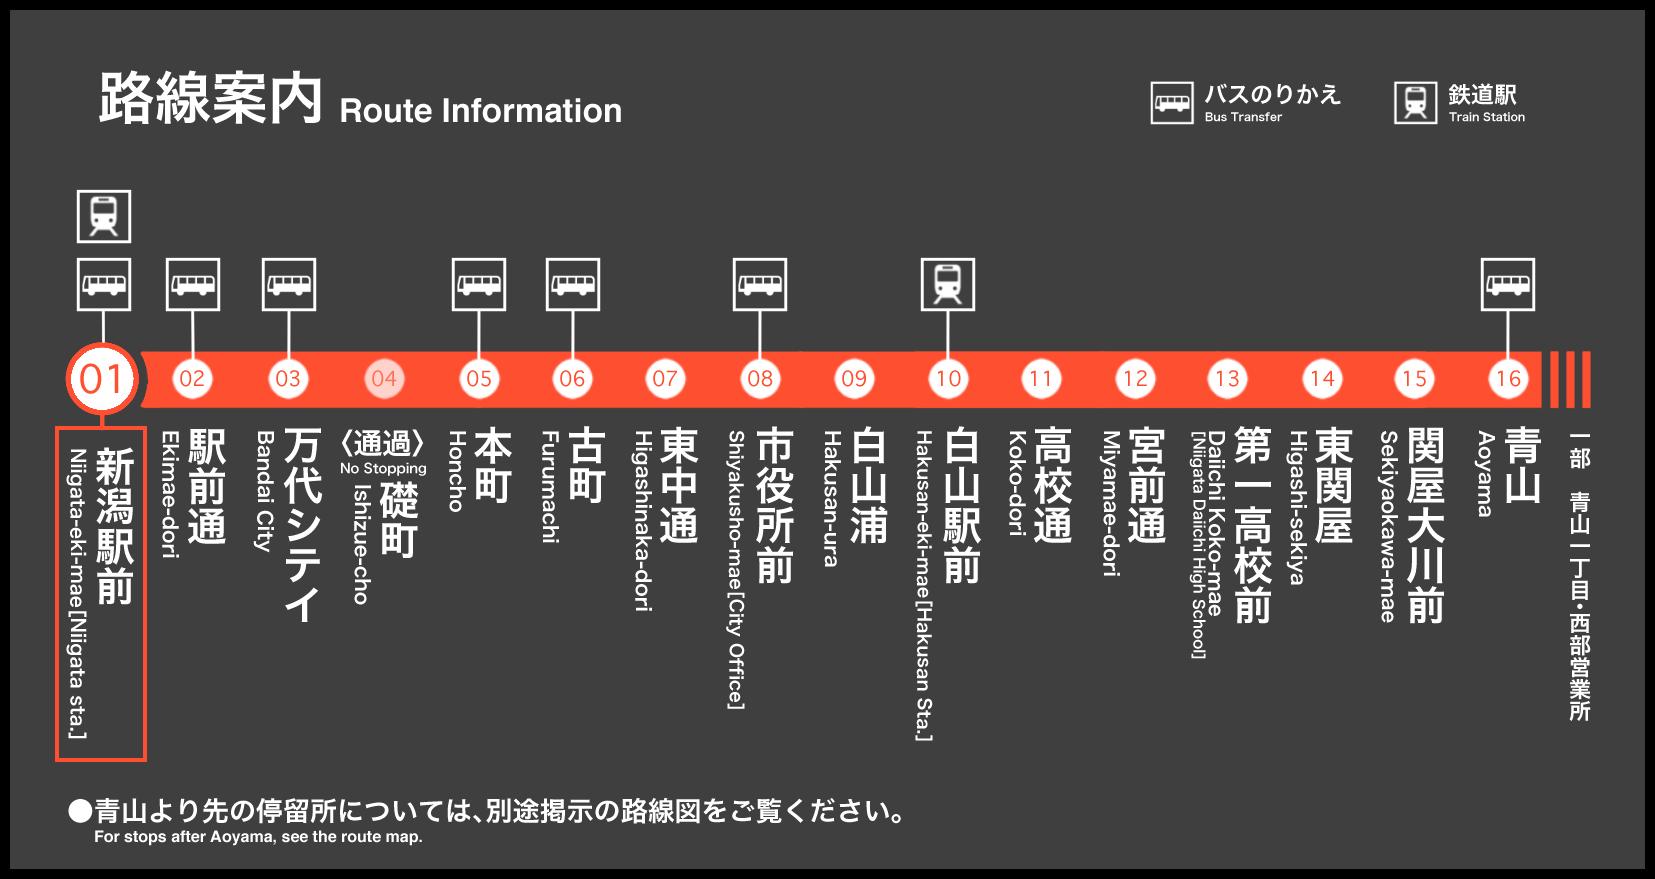 新潟市BRT路線案内(路線図).png